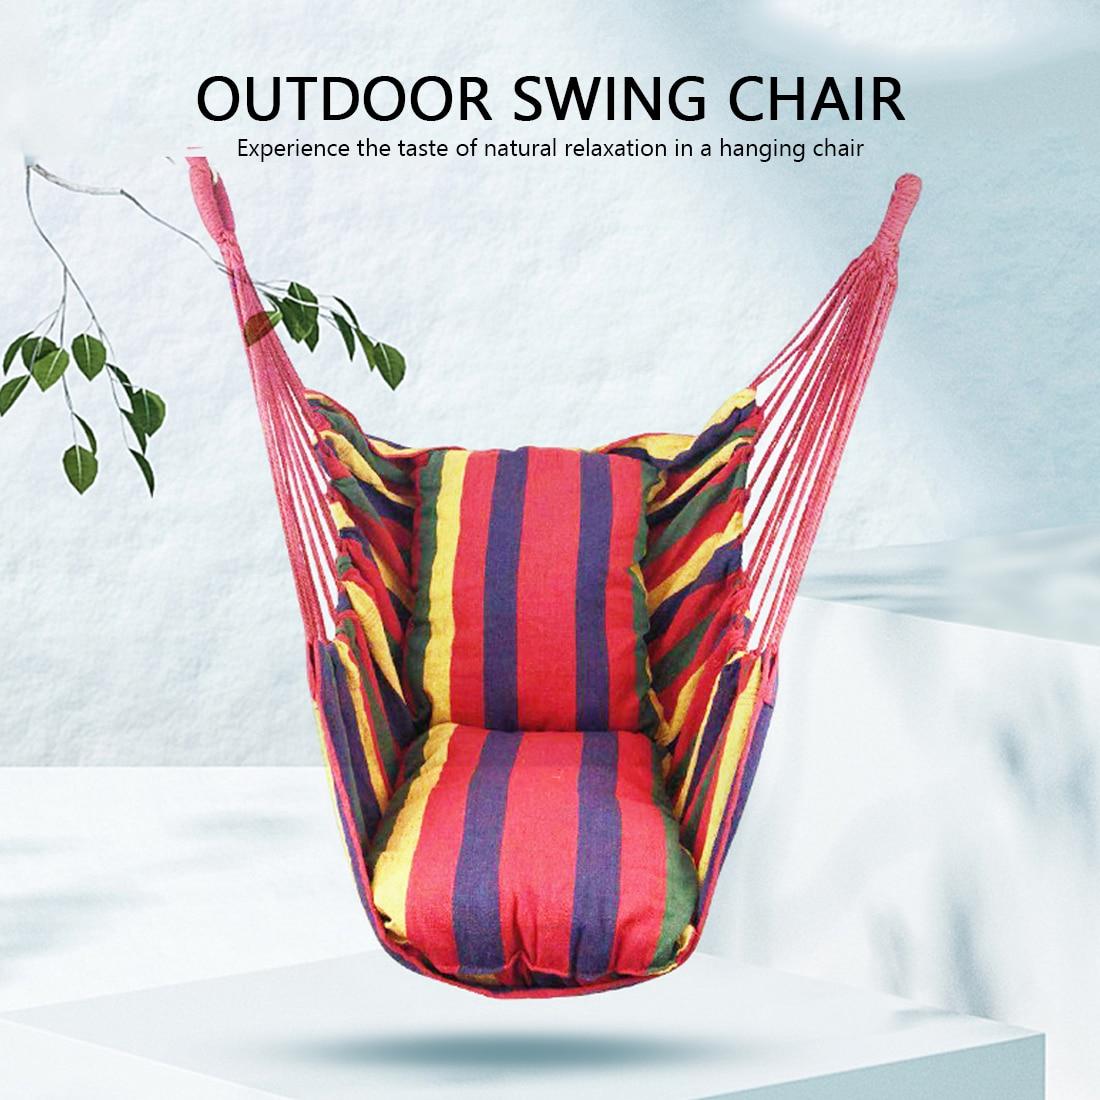 Гамак без подушки, уличная мебель для кемпинга, подвесное кресло-гамак, качели для сада, Подвесные качели, ленивый стул, холщовая кровать